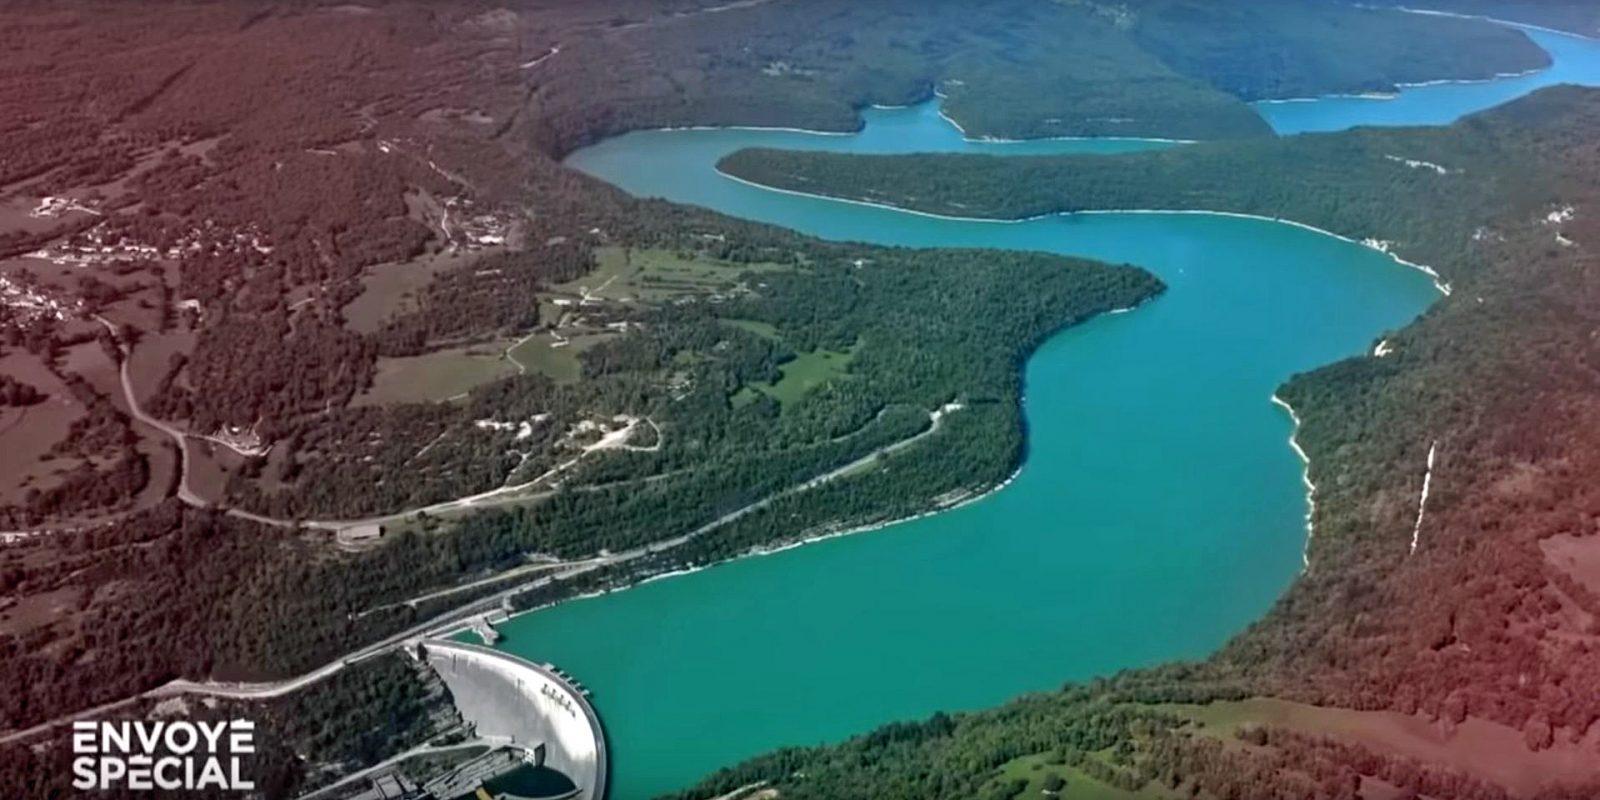 Staudamm von Vouglans